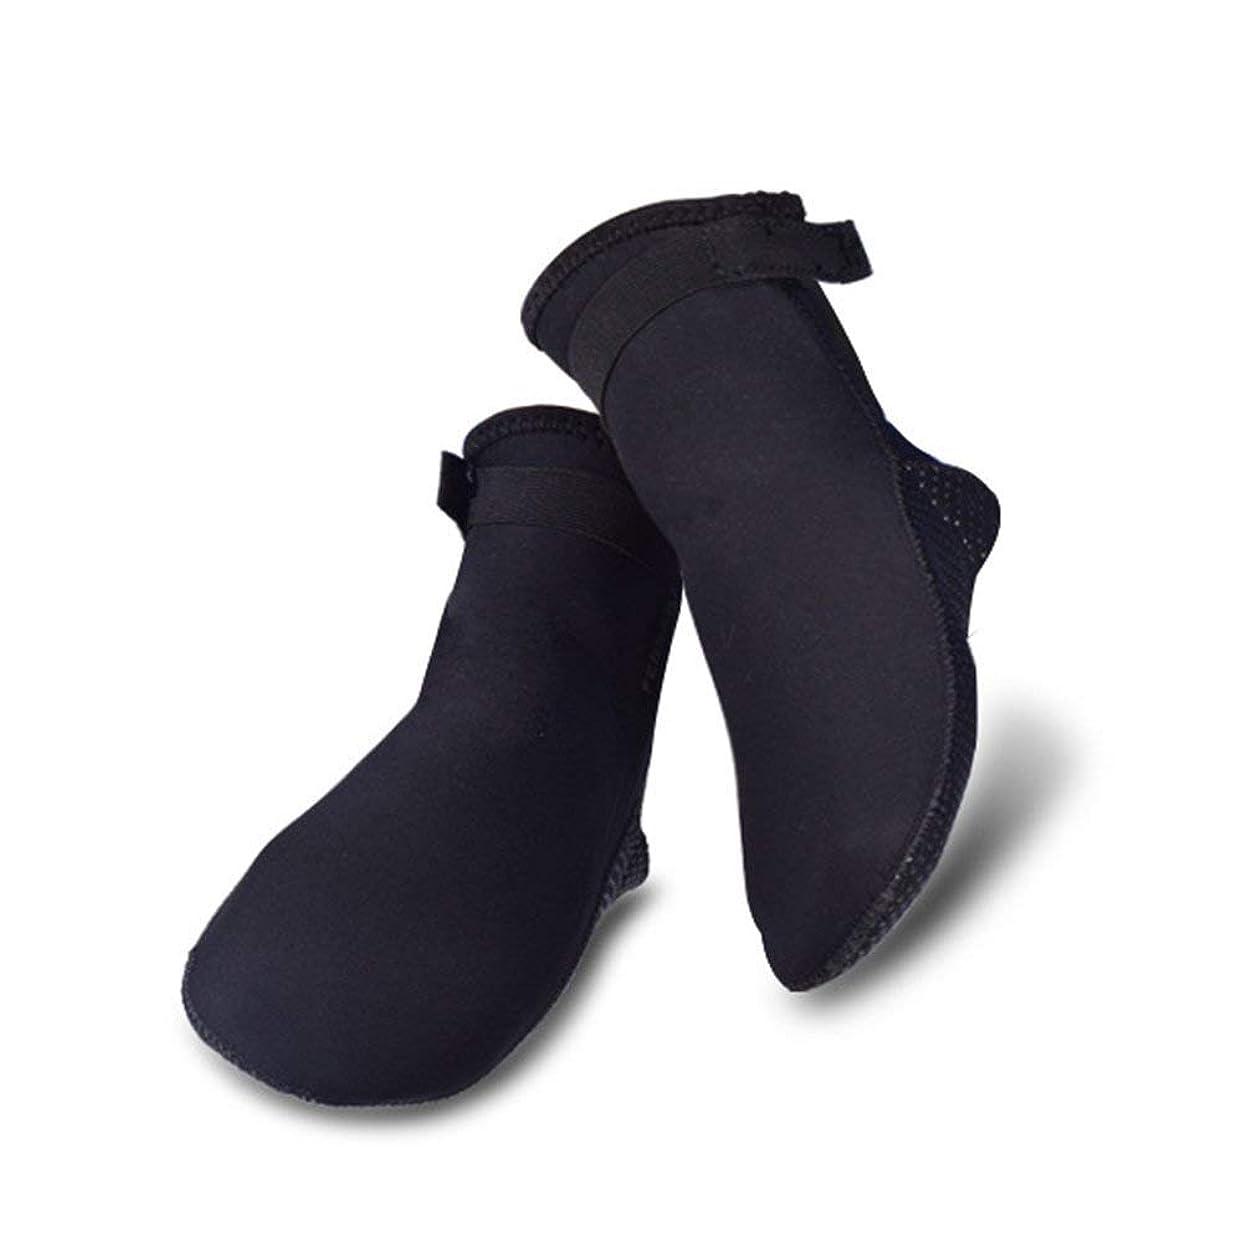 挨拶ハードウェアさせる[MORGEN SKY] マリンソックス ネオプレーン ソックス ダイビング 渓流 靴下 サーフィン 水陸両用 WZ04